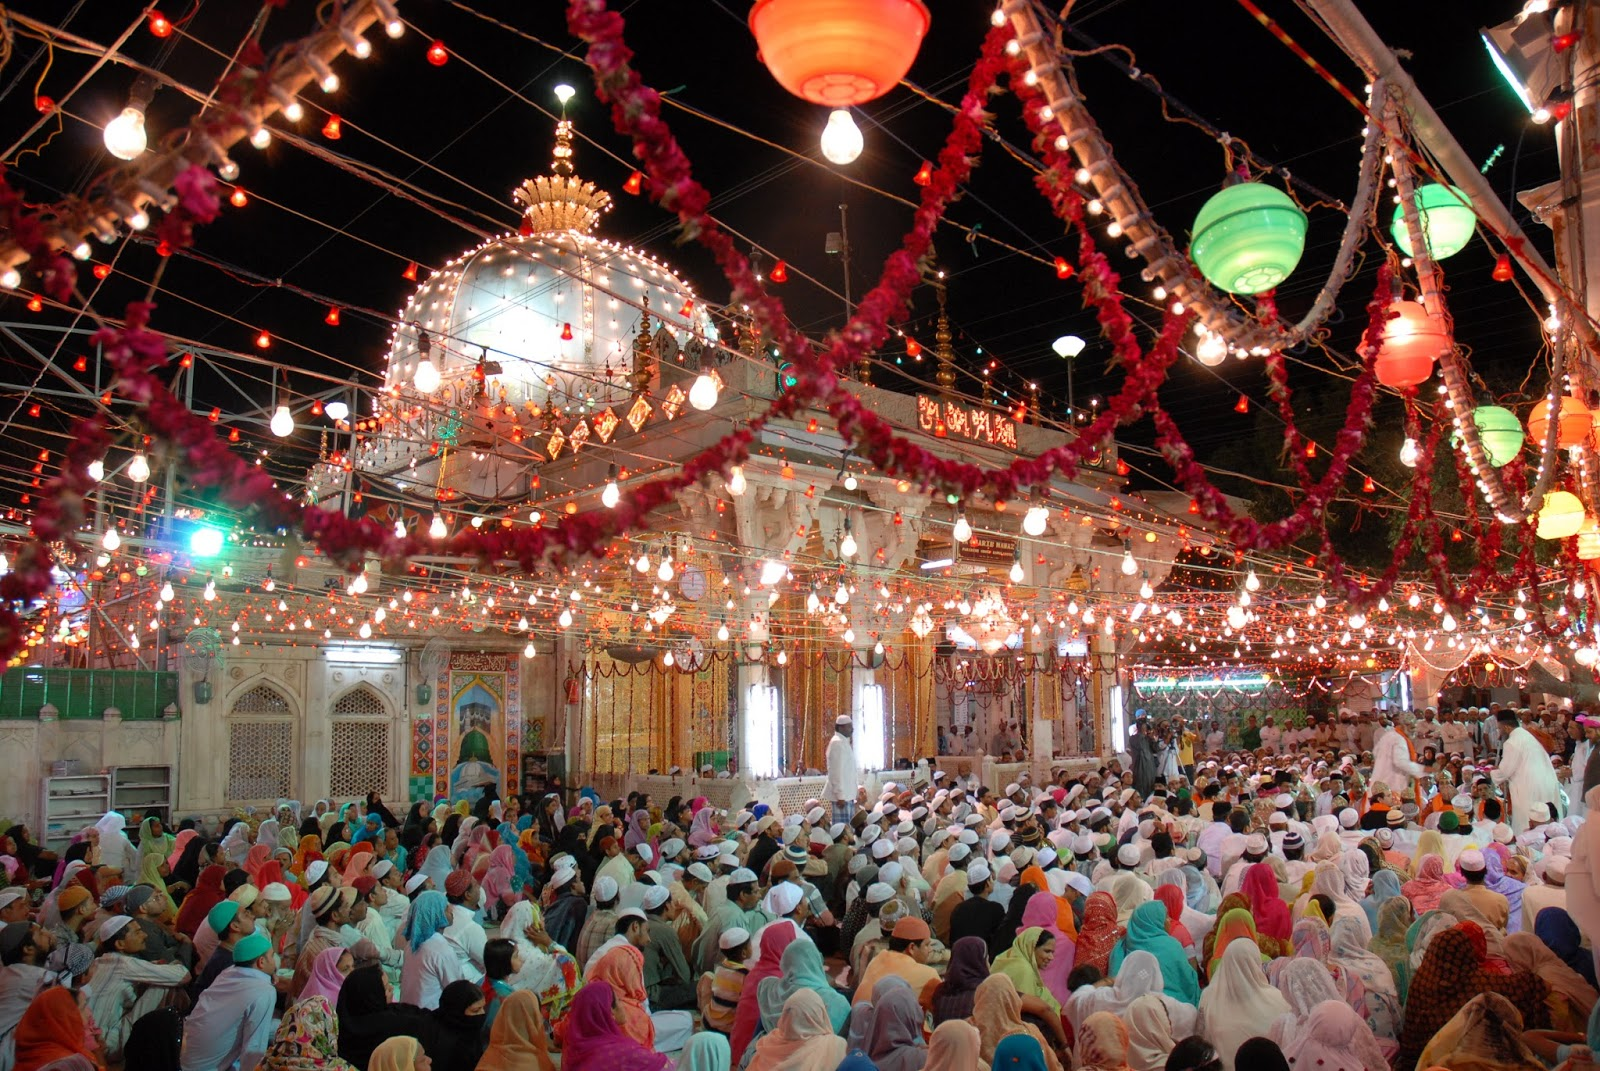 India aulias hazrat khwaja garib nawaz rahmtulla aleh hazrat khwaja garib nawaz rahmtulla aleh thecheapjerseys Image collections